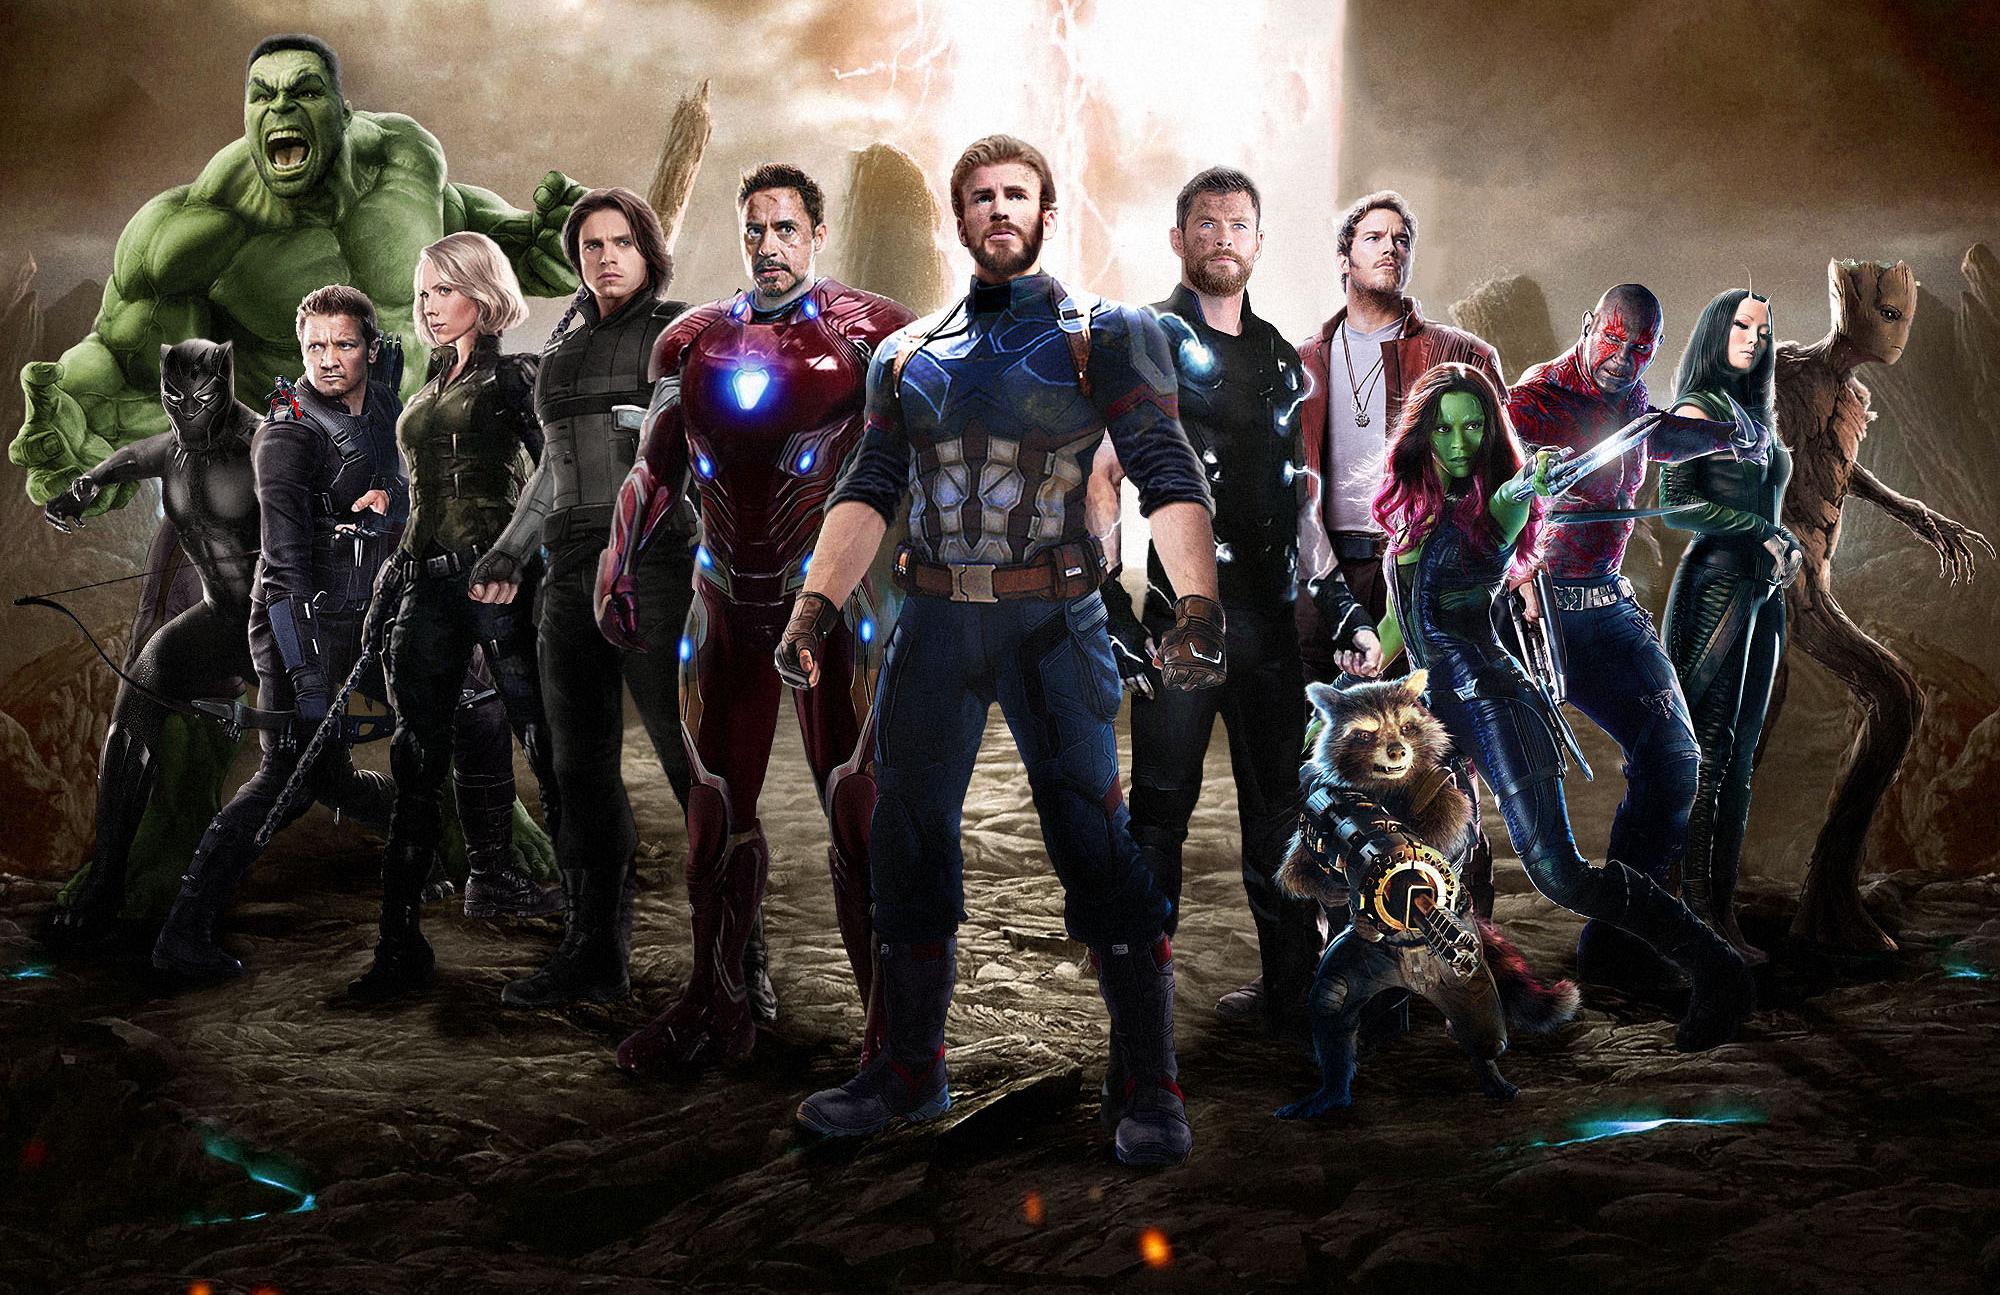 1920x1080 Avengers Infinity War 2018 Movie Fan Art Laptop